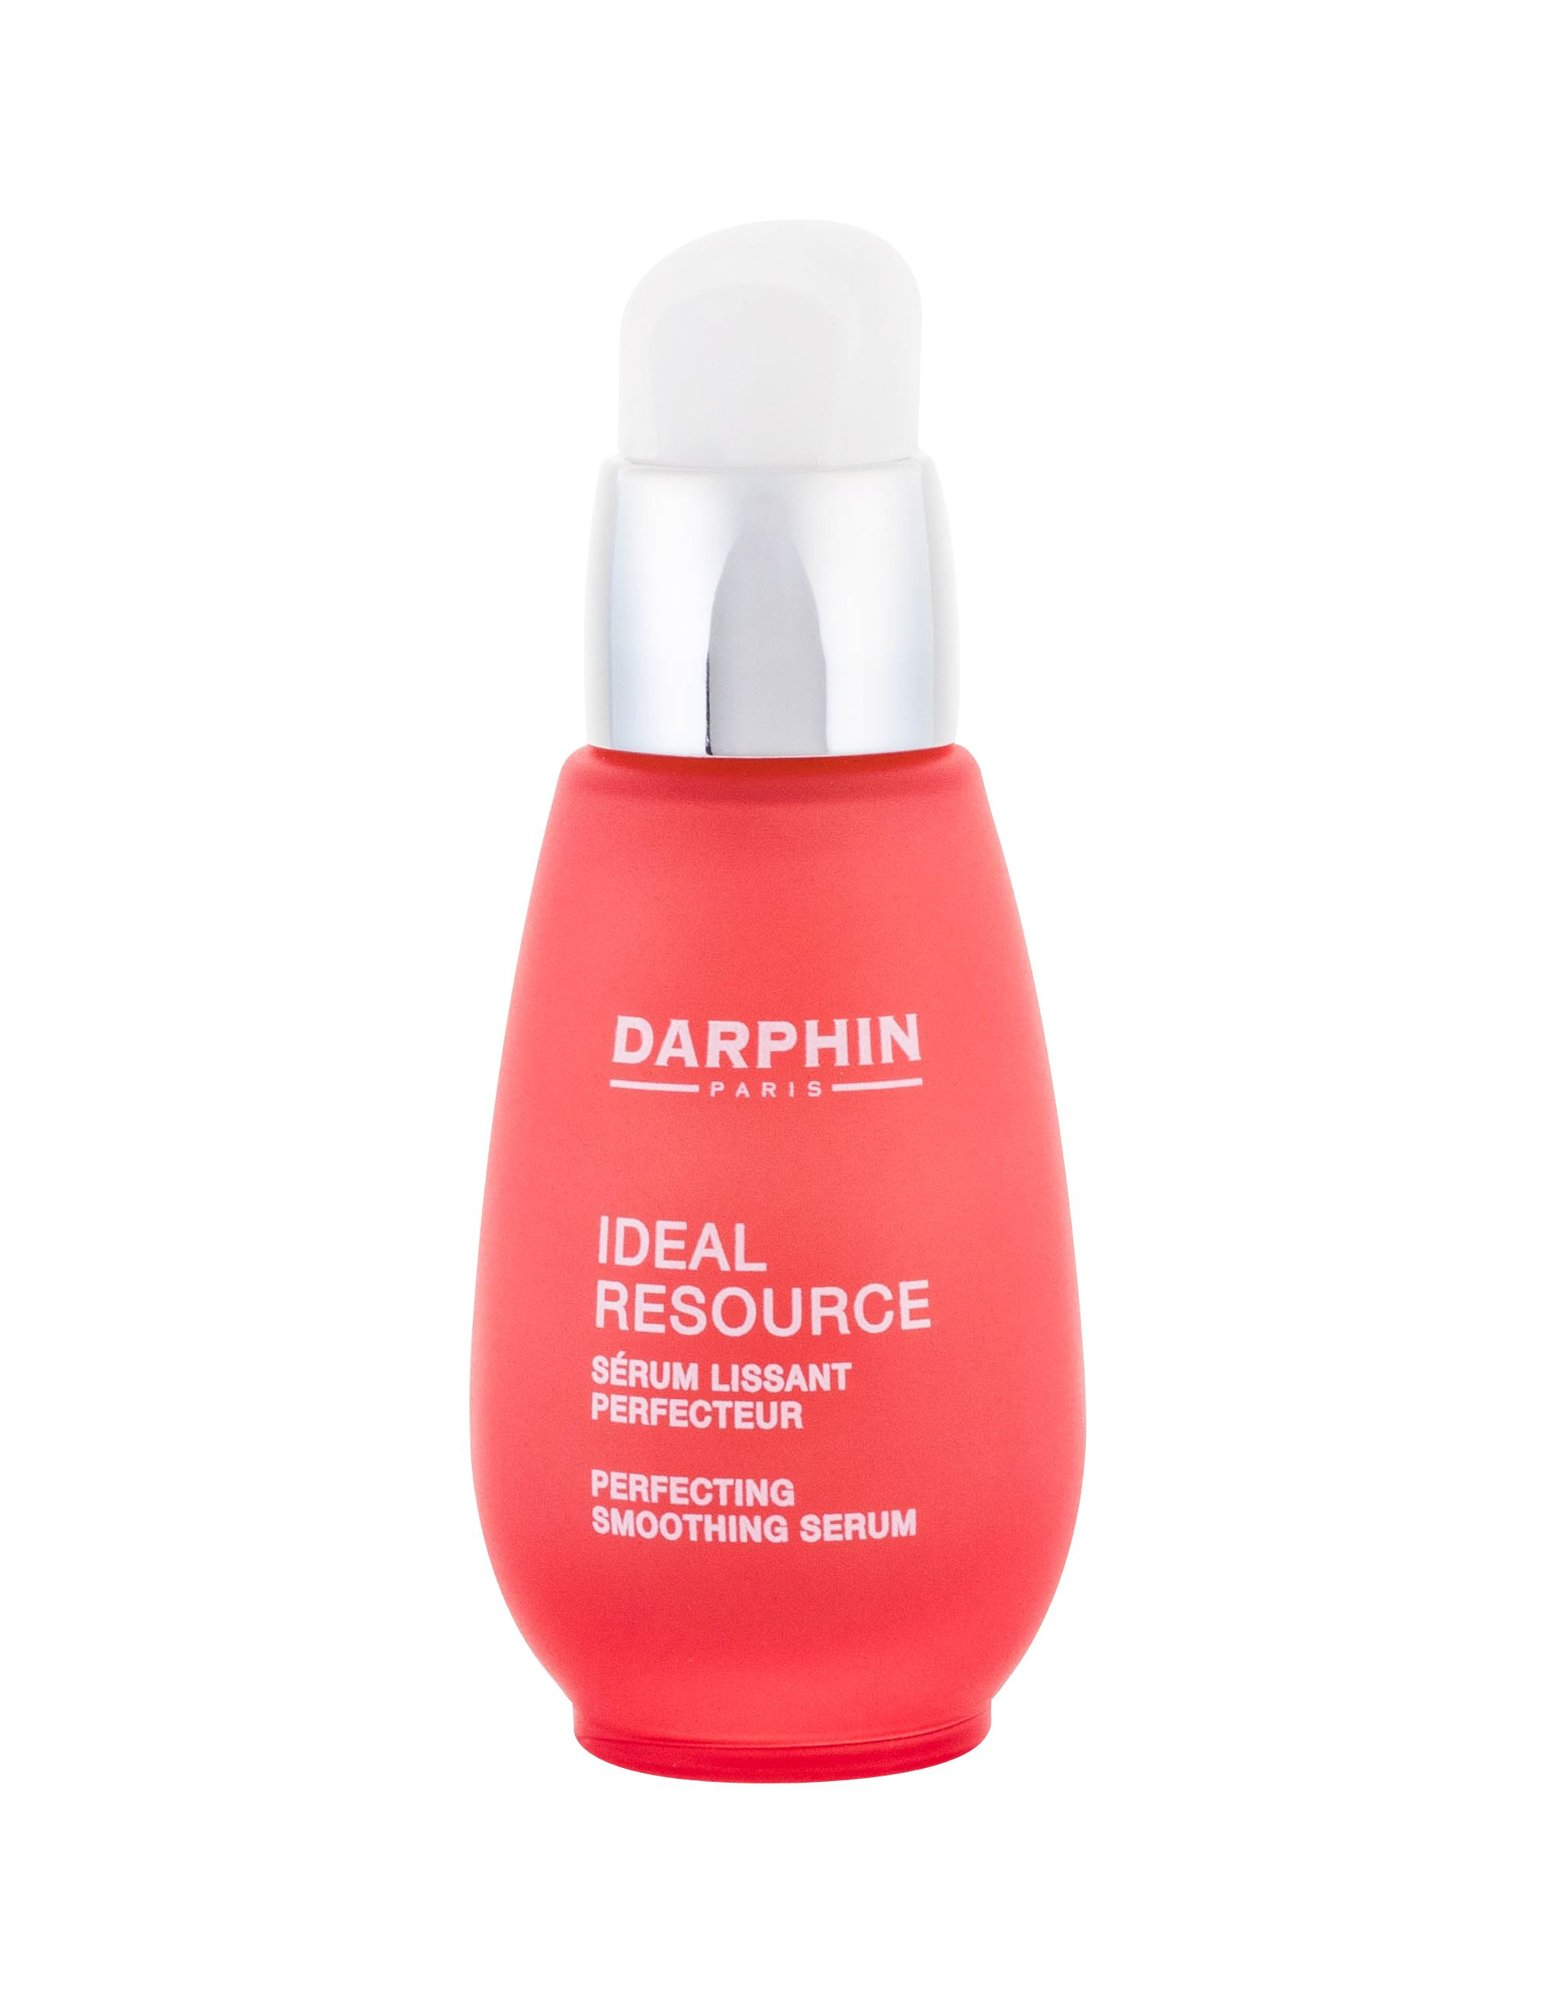 Darphin Ideal Resource Skin Serum 30ml